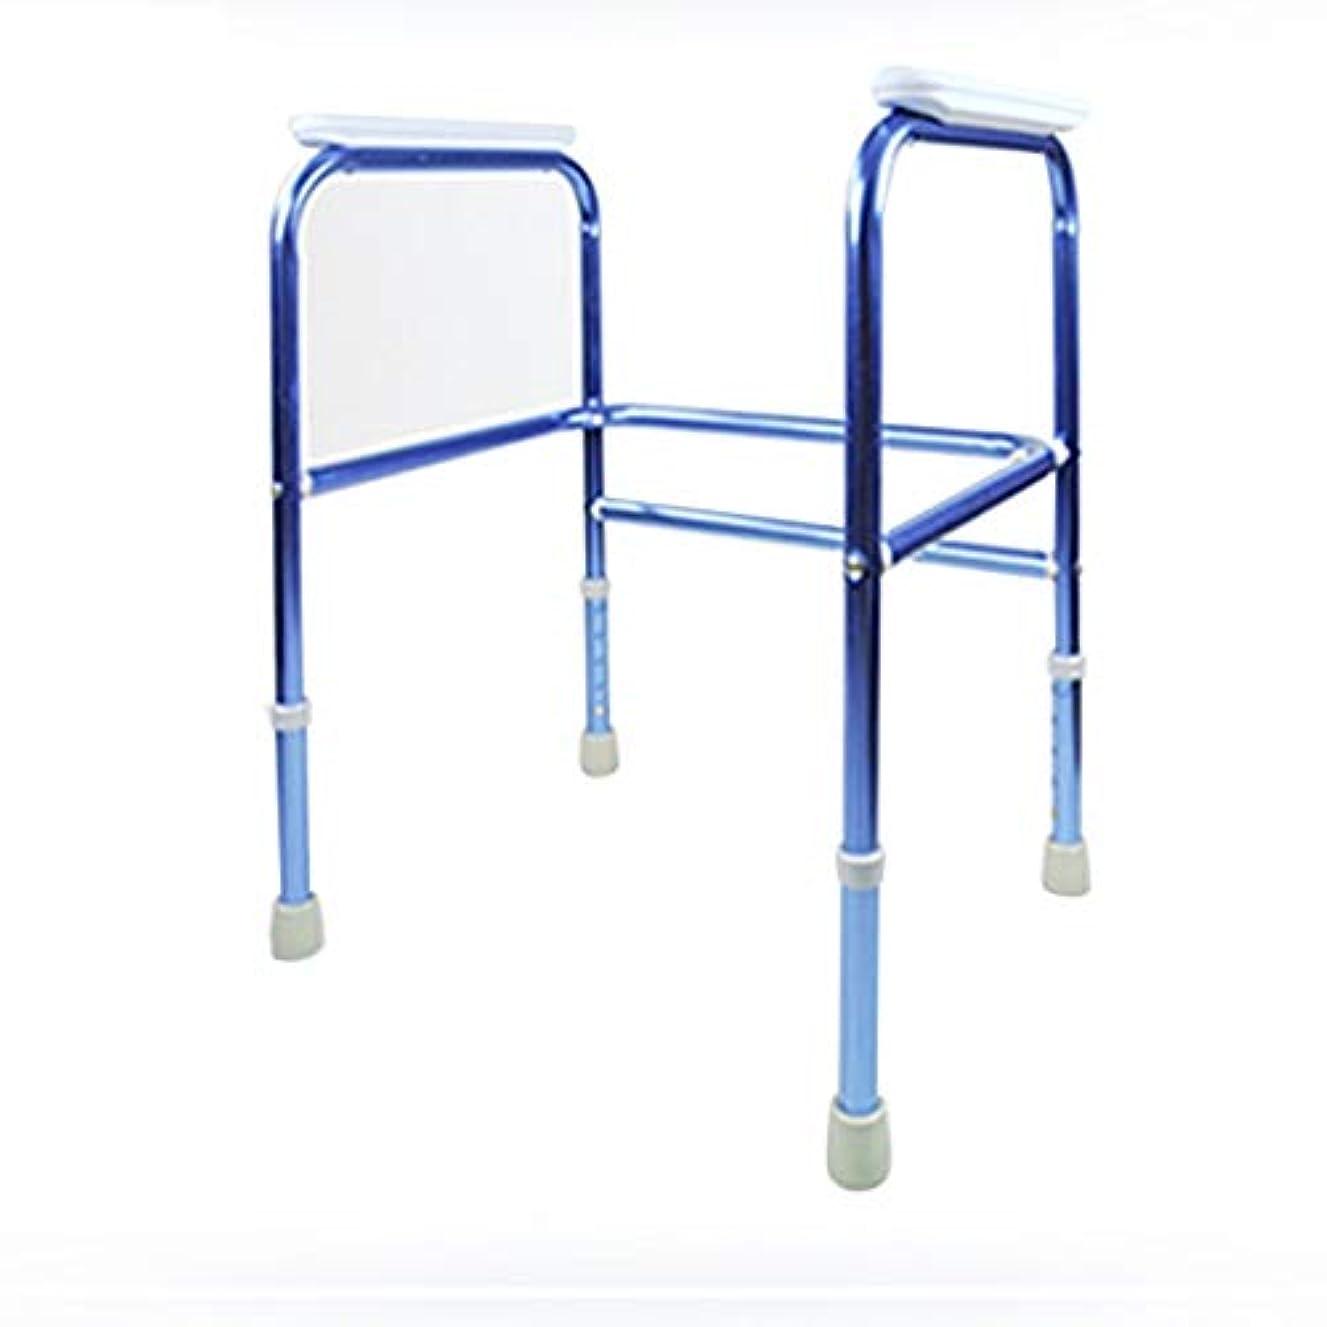 症候群どうやら貨物調節可能なスチールトイレサラウンドフレーム、トイレの安全フレーム、高齢者および身体障害者に最適